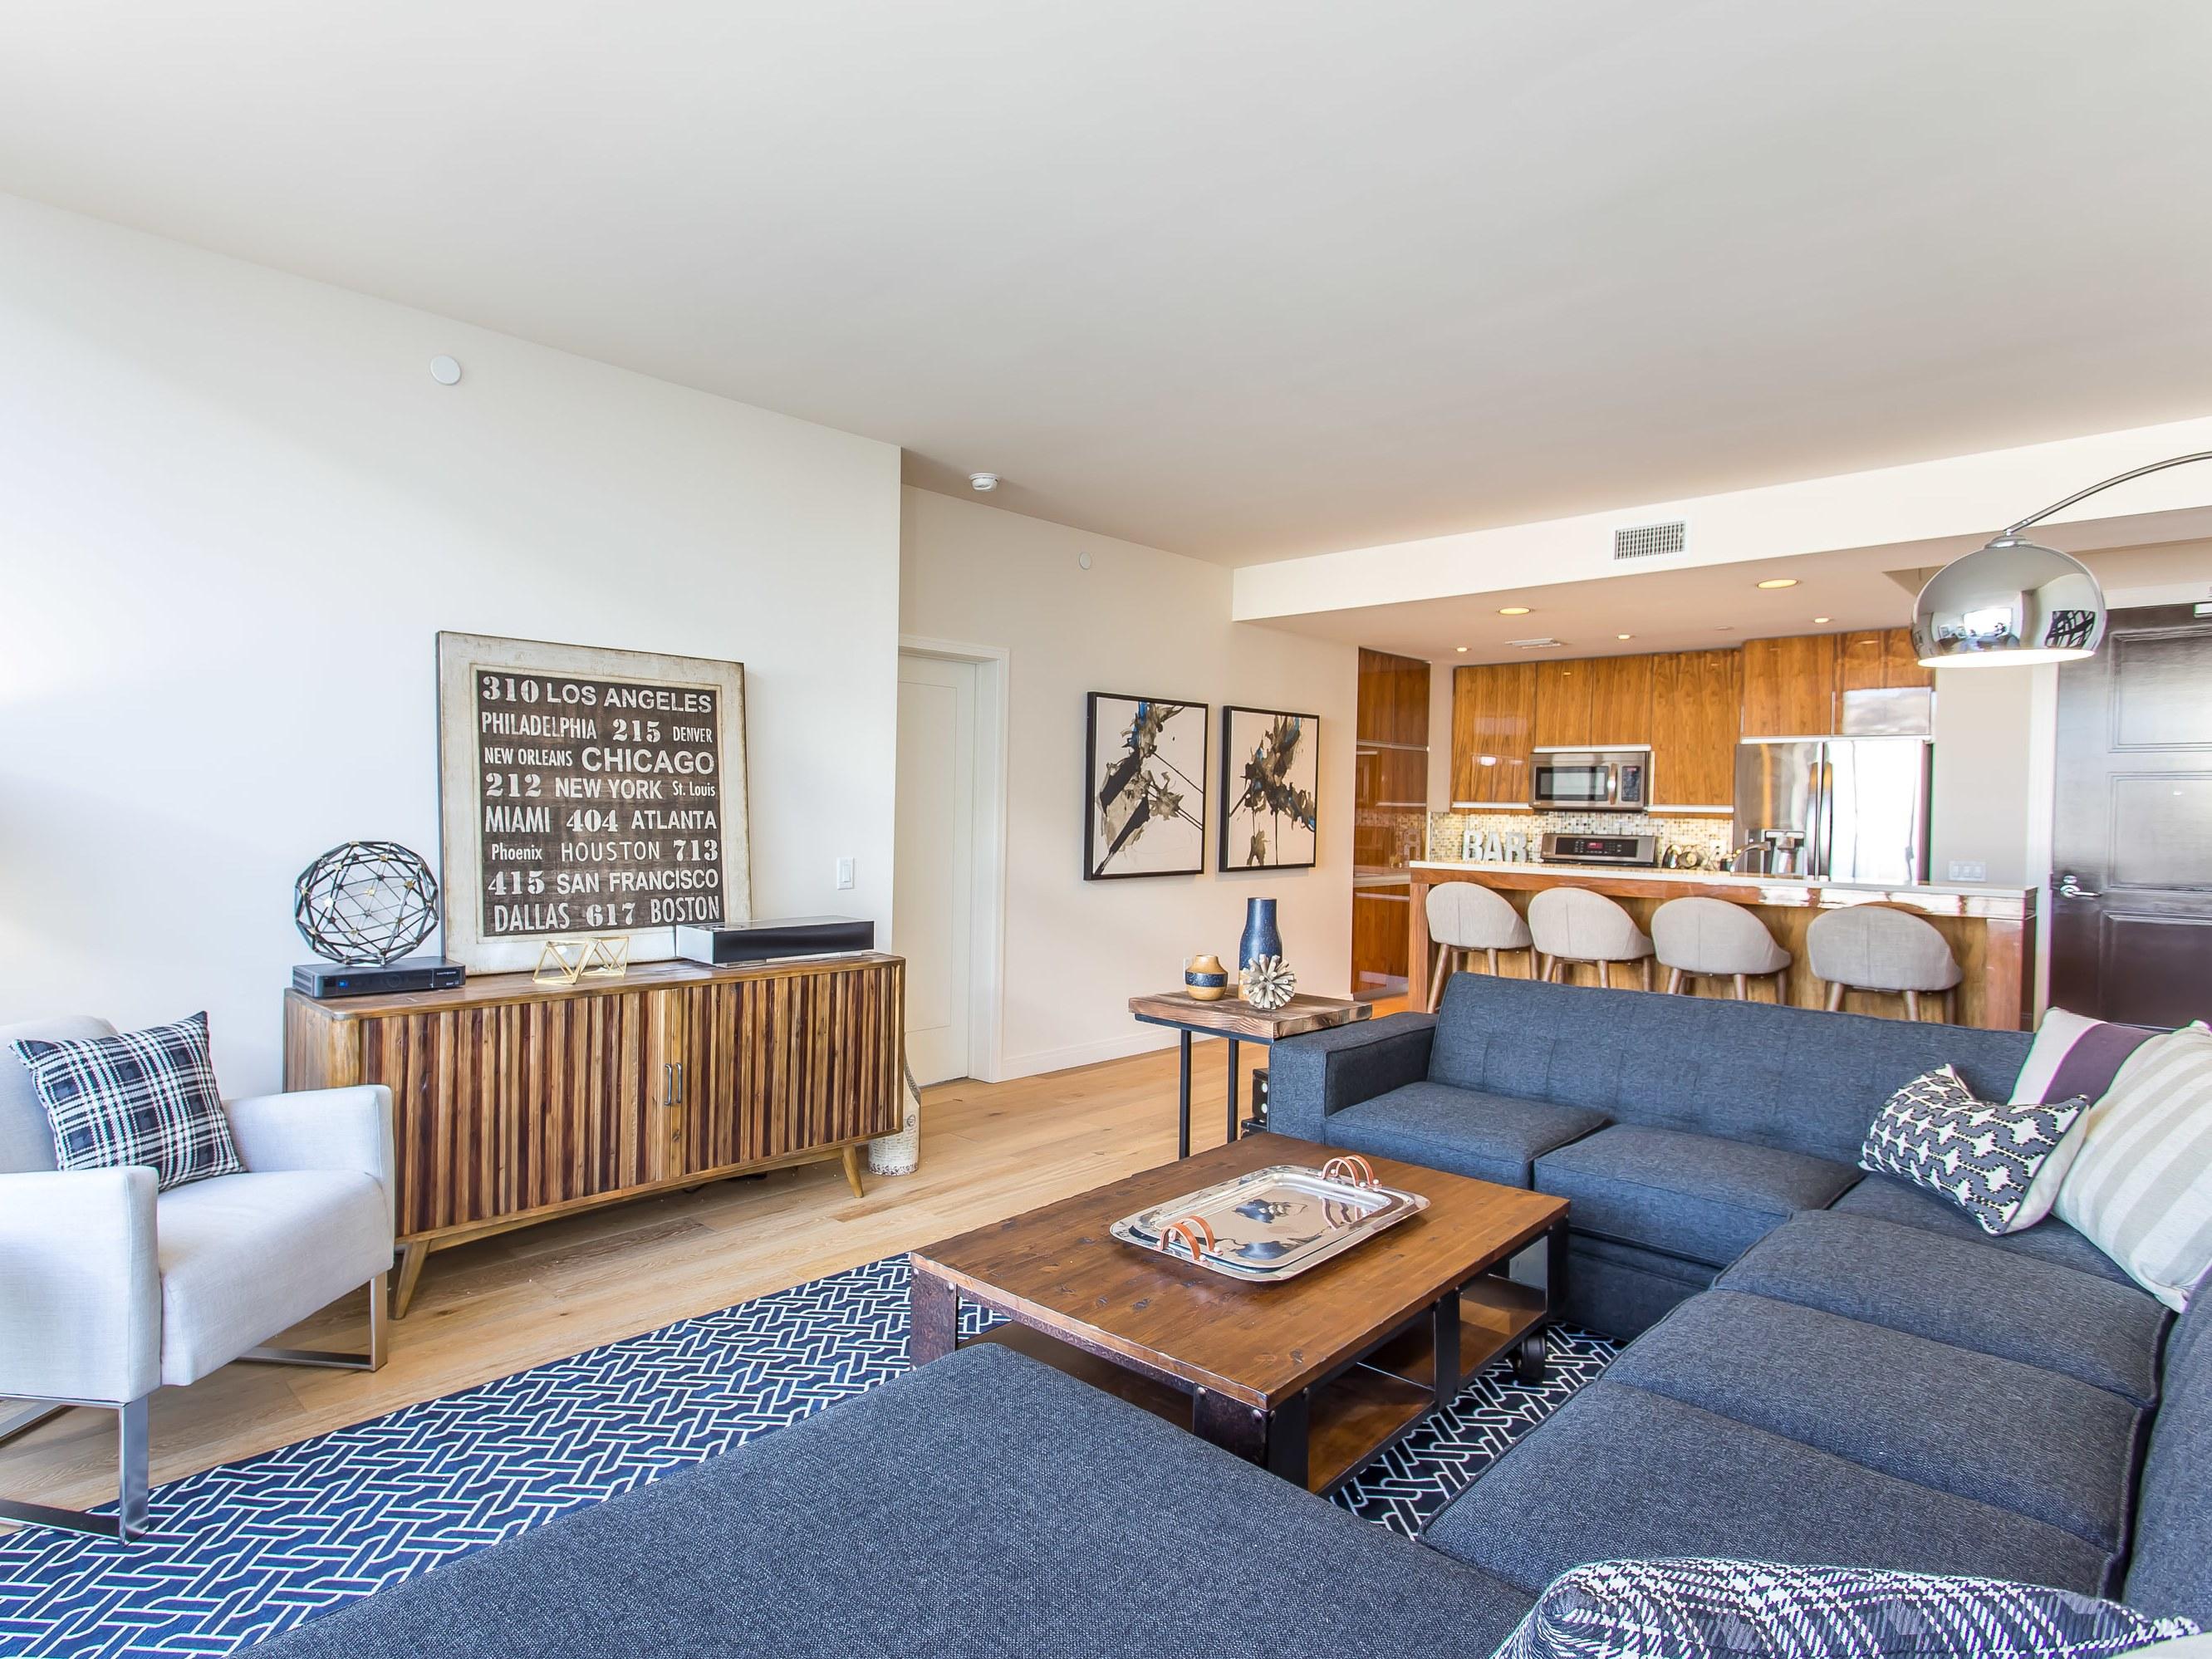 دکوراسیون خانه های آپارتمانی مدرن 2019